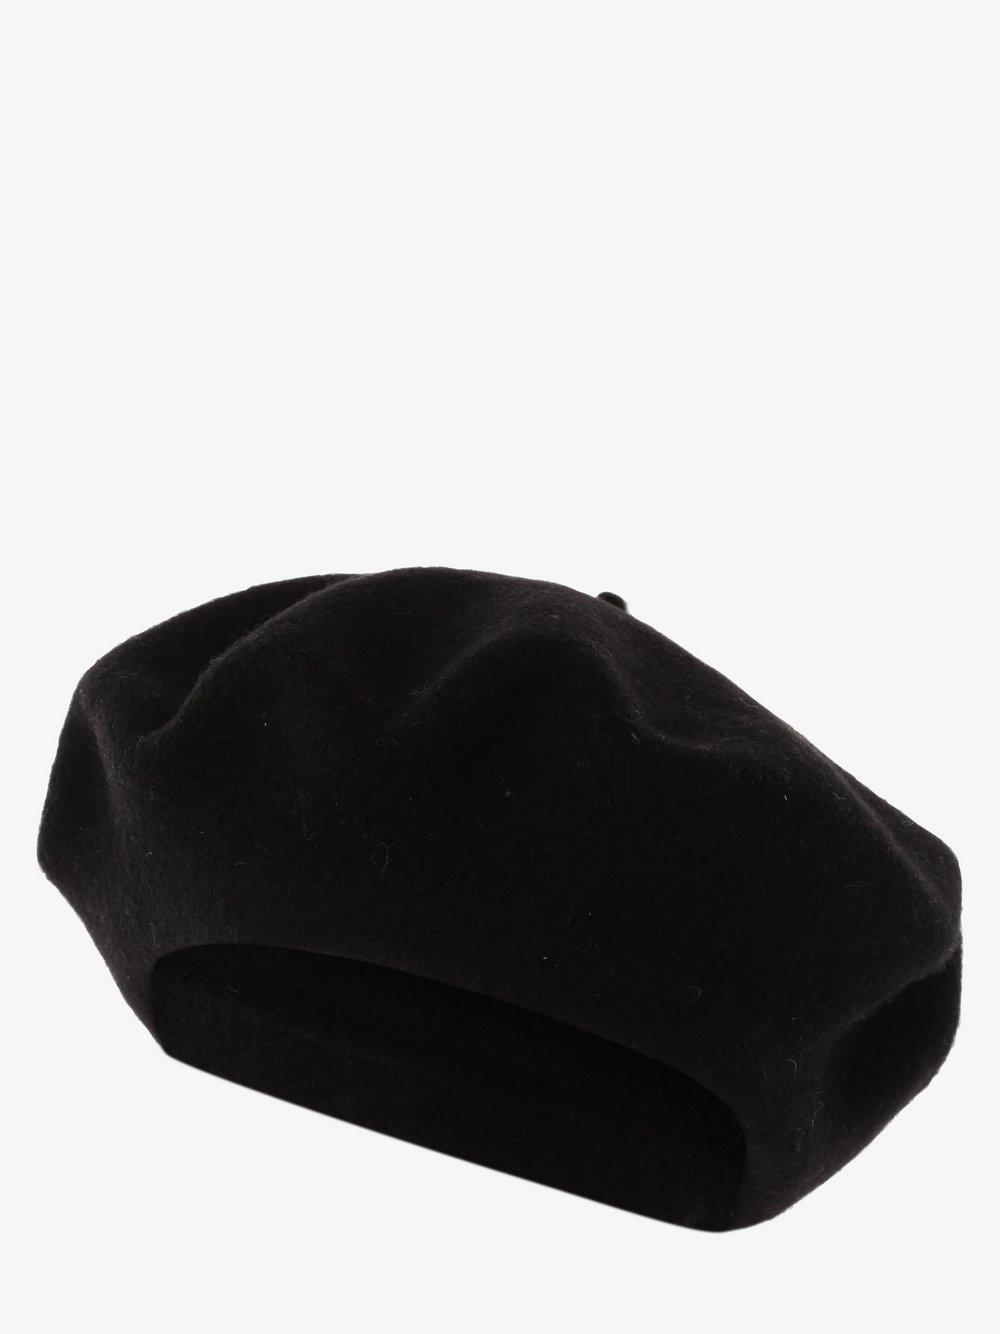 Loevenich - Czapka damska z wełny merino, czarny